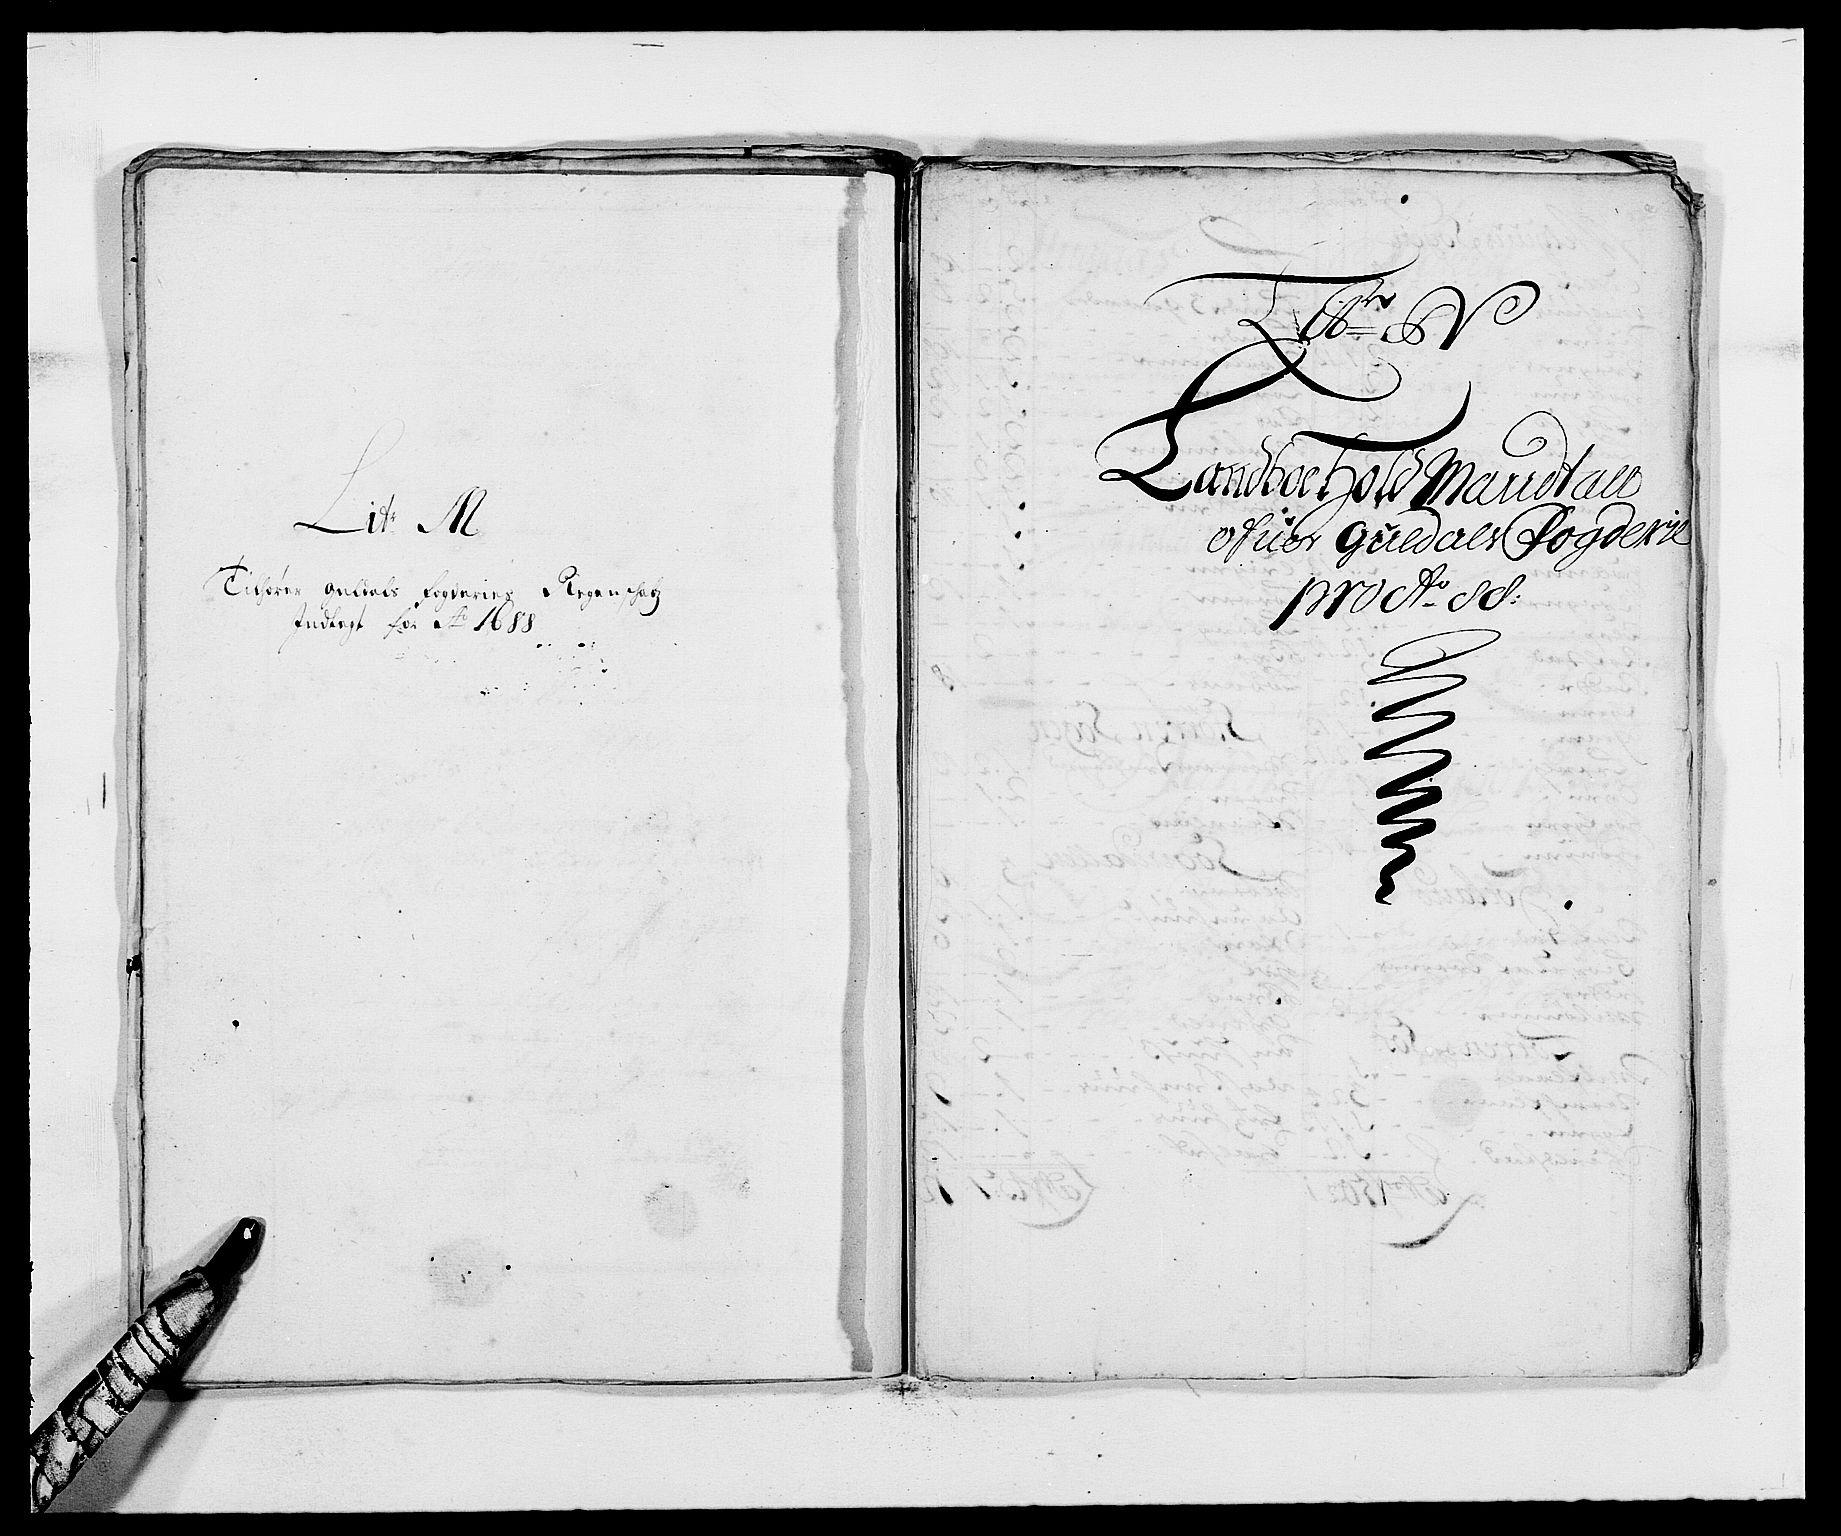 RA, Rentekammeret inntil 1814, Reviderte regnskaper, Fogderegnskap, R59/L3939: Fogderegnskap Gauldal, 1687-1688, s. 275